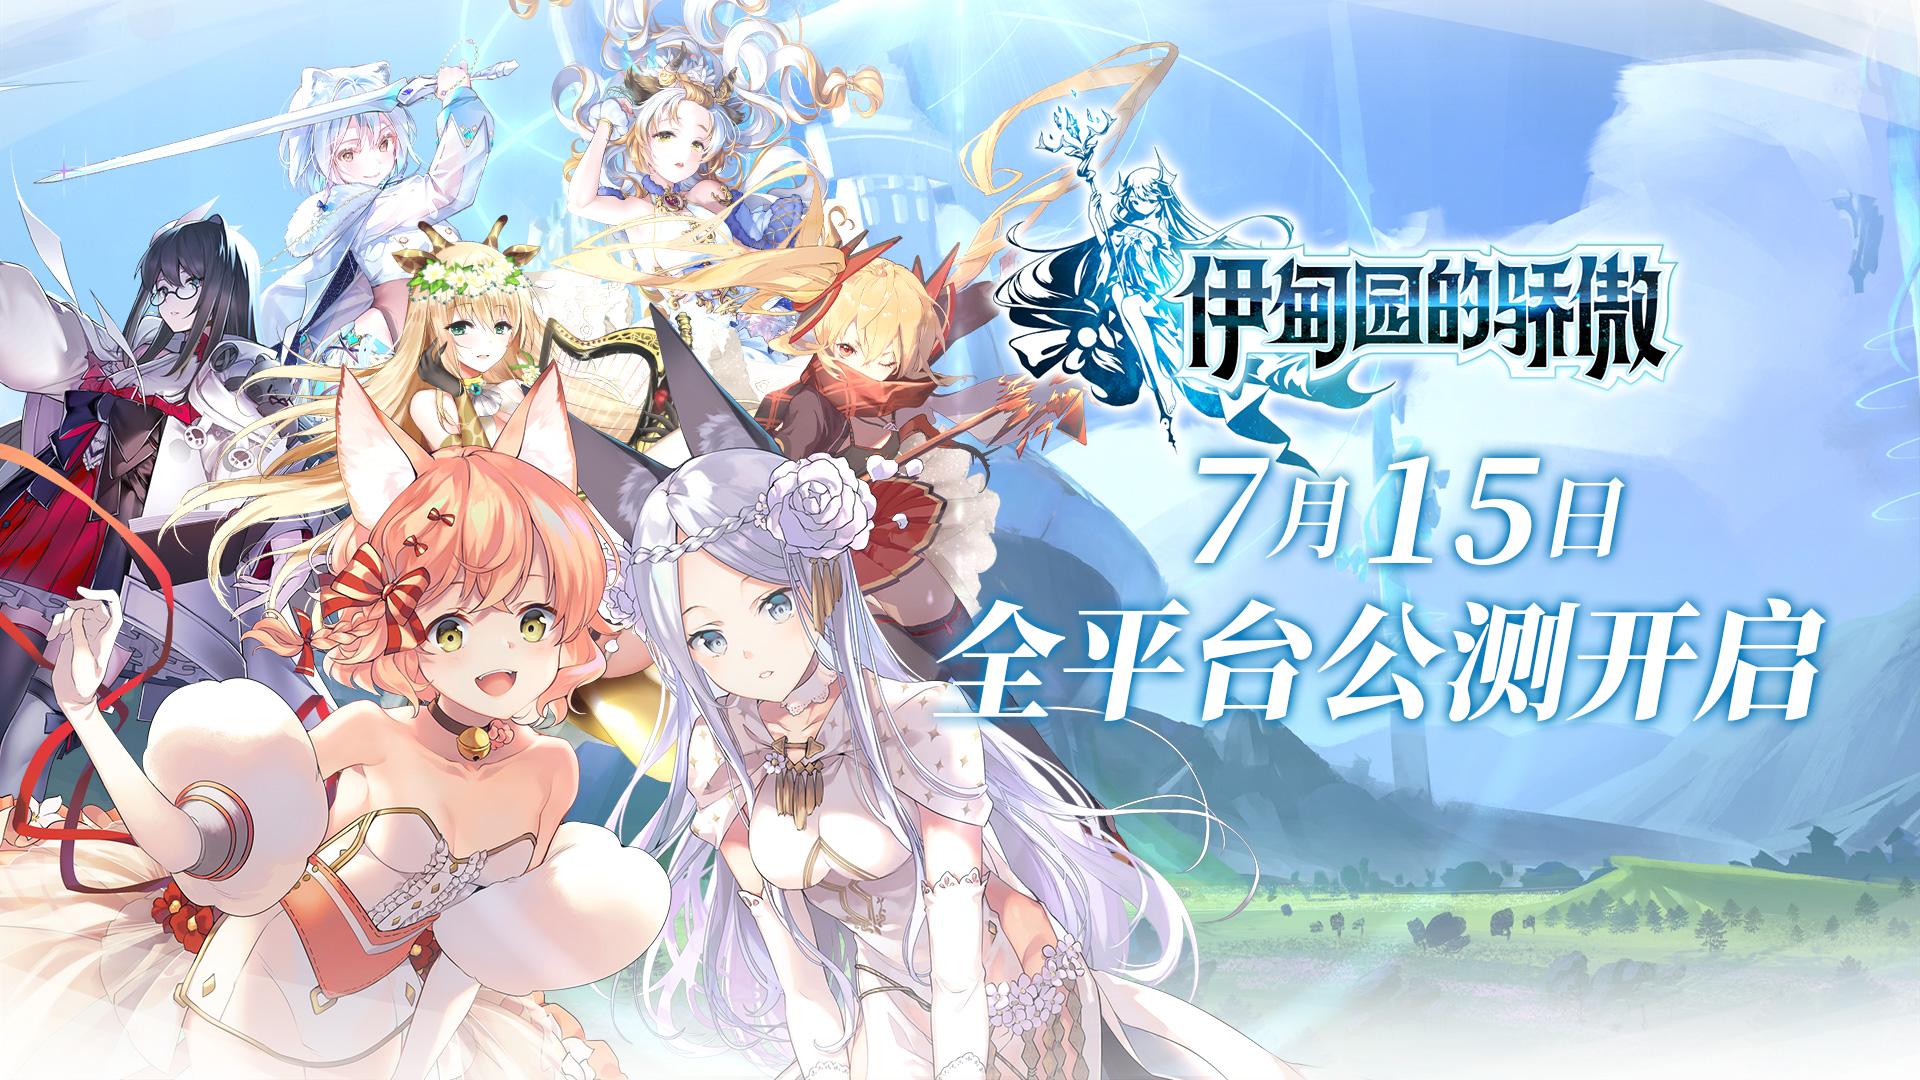 【伊甸园的骄傲】全平台公测正式开启!